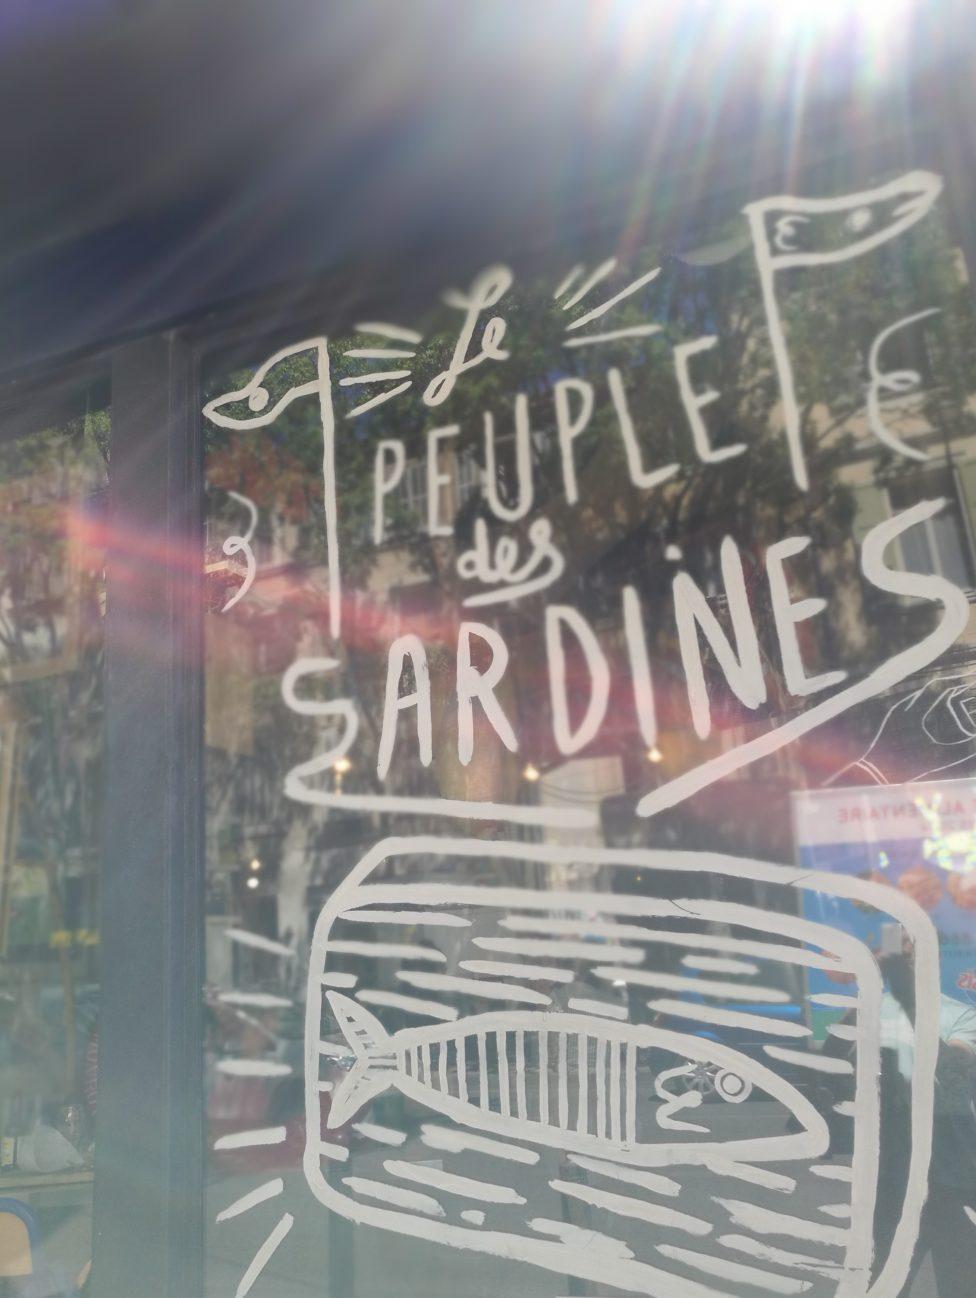 Restaurant la boite à sardine, le peuple des sardines